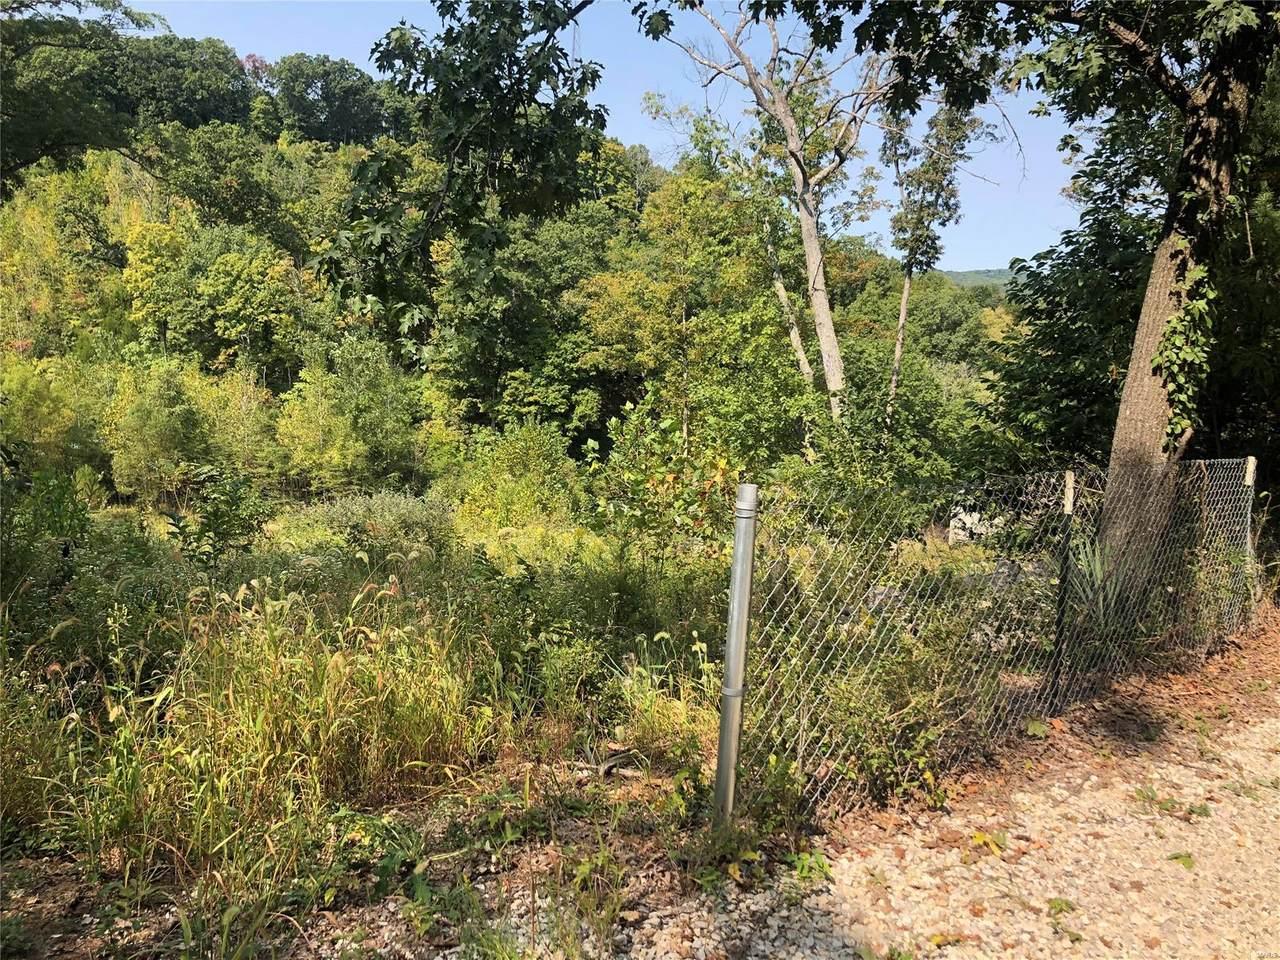 0 Lot 37 & 38 Walnut Ridge Drive - Photo 1